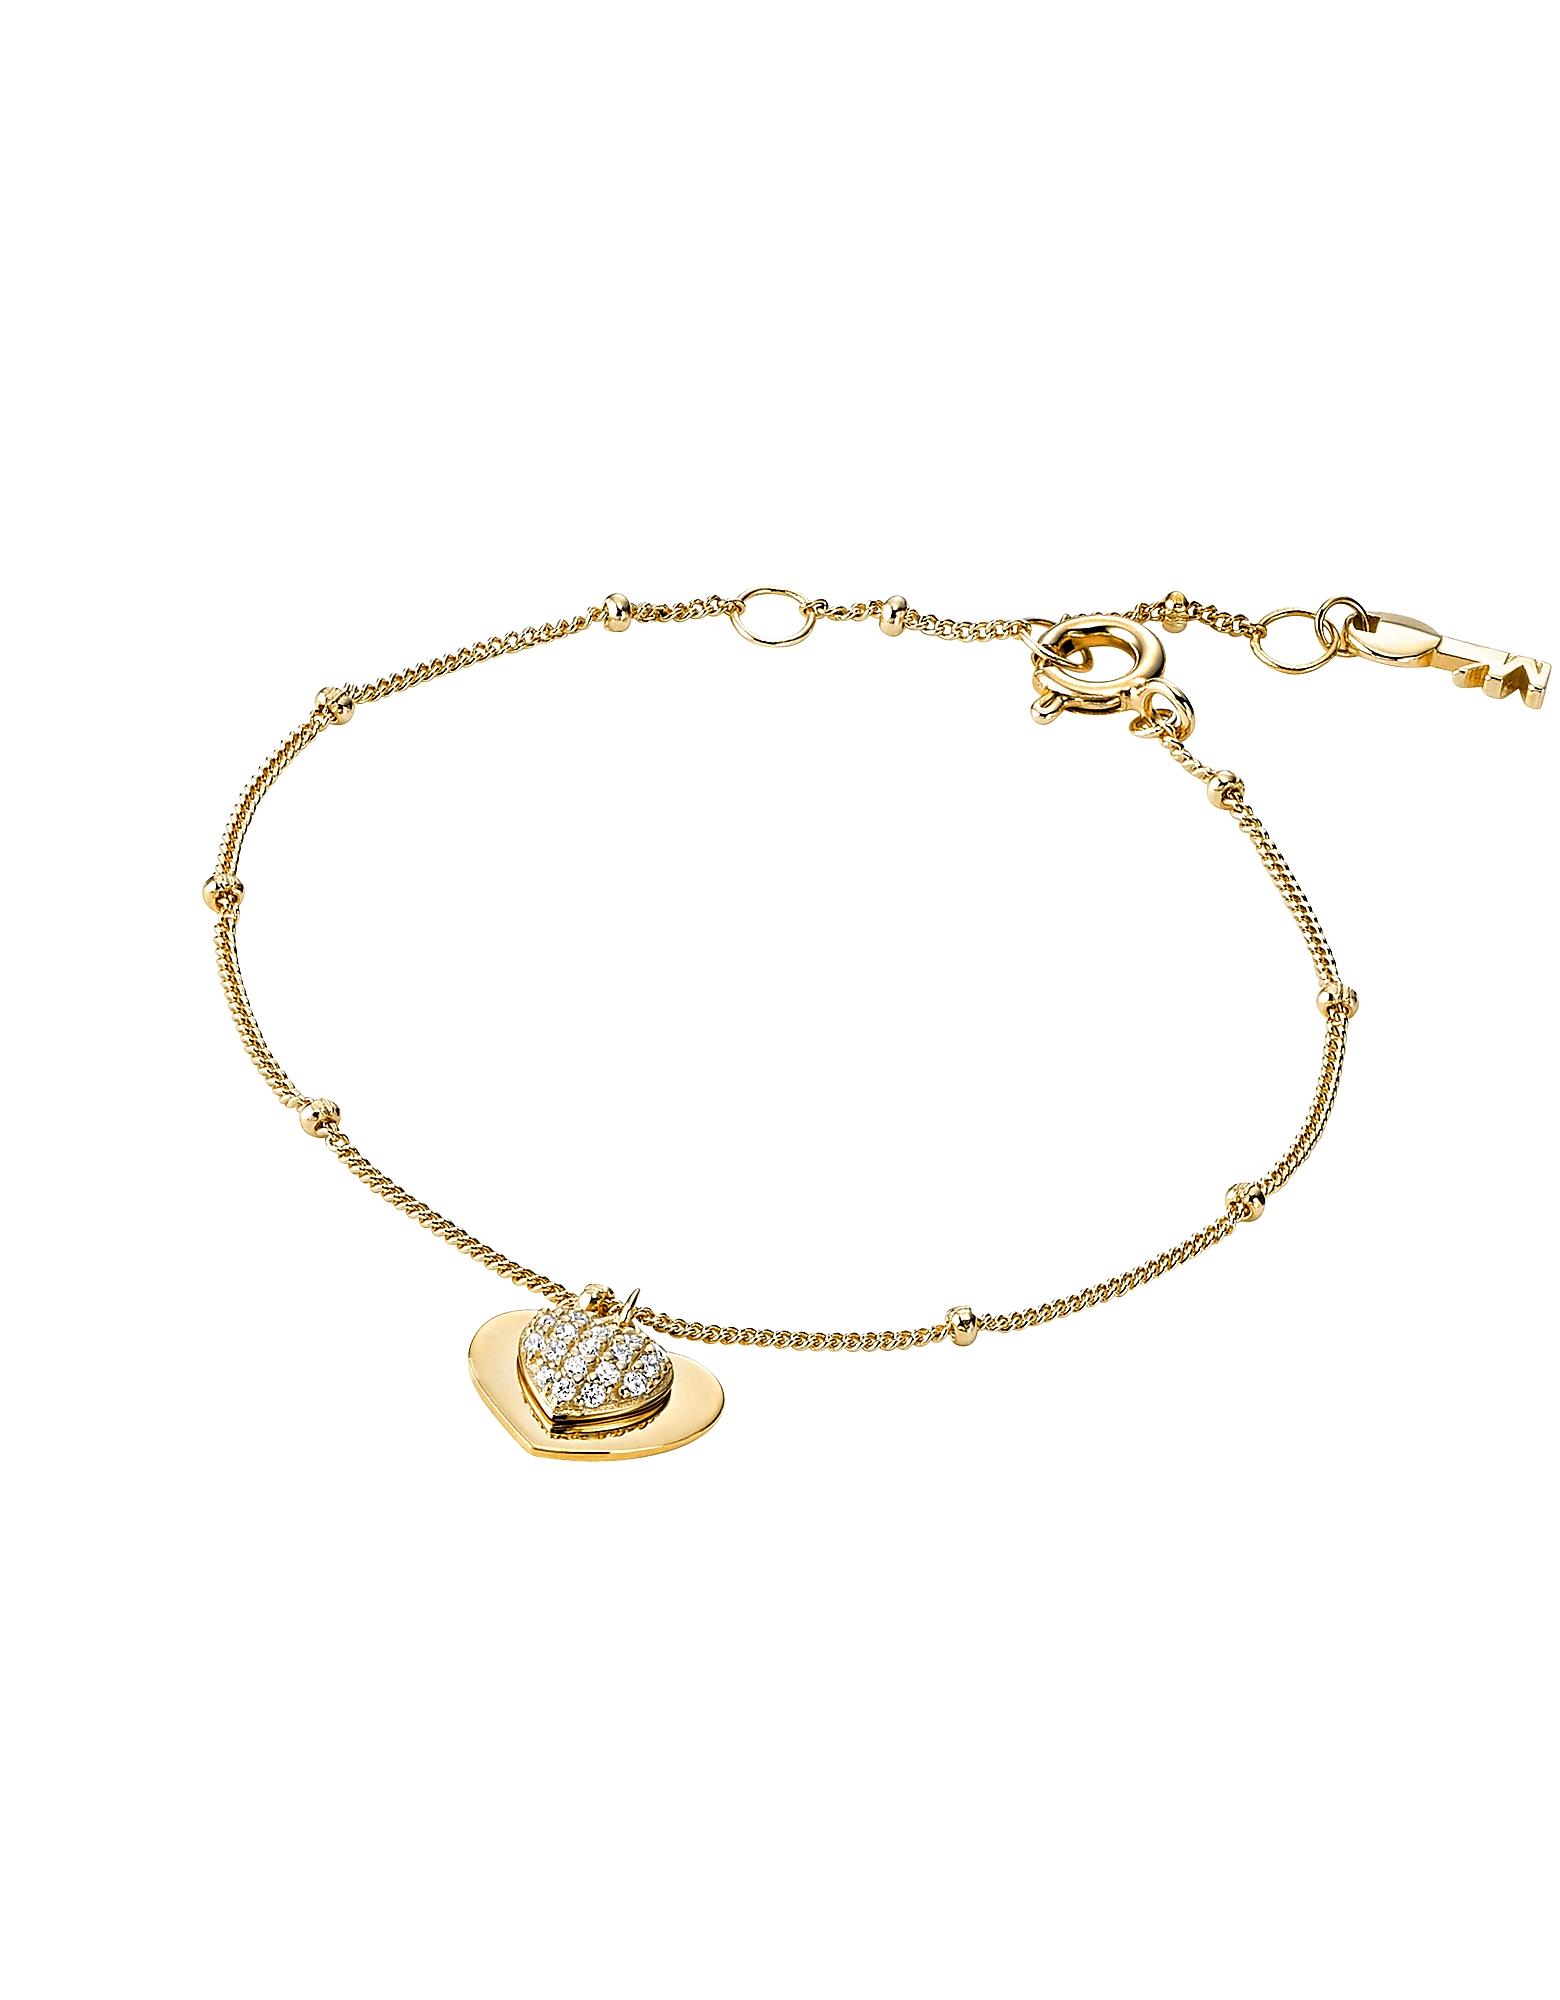 Michael Kors Designer Bracelets, Kors Love 14K Gold Plated Sterling Silver Pavé Heart Bracelet